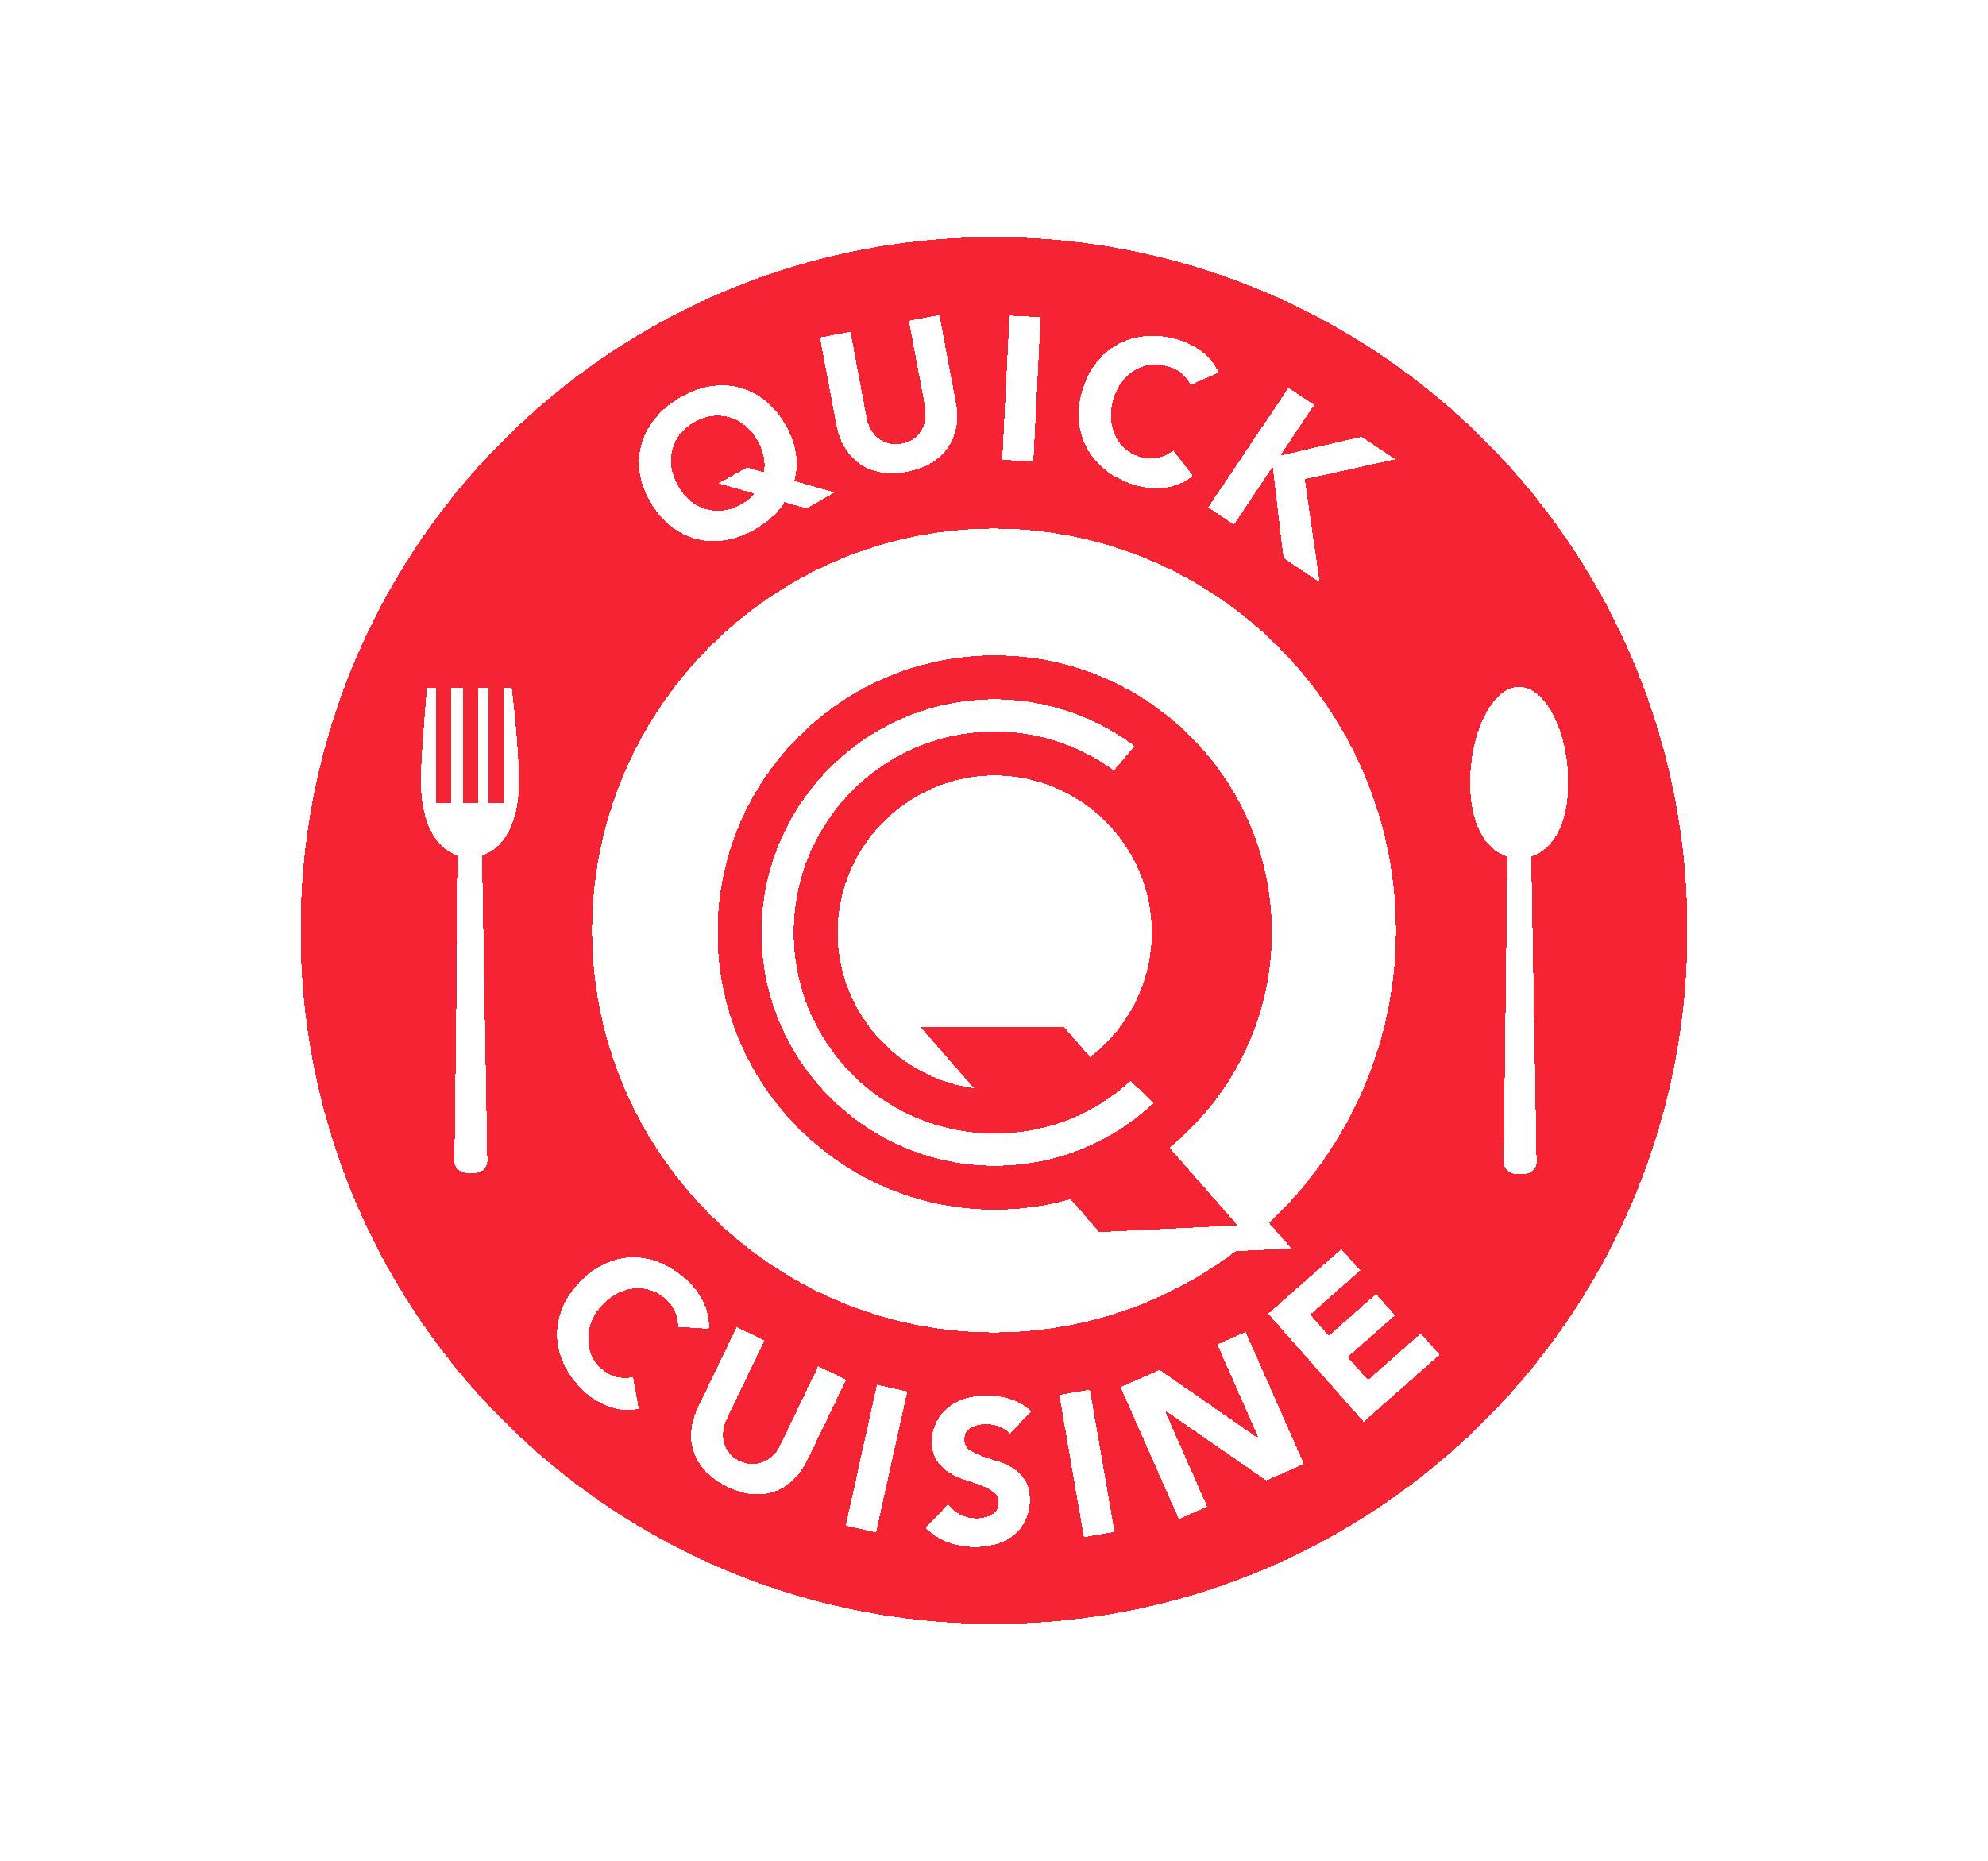 Quick Cuisine